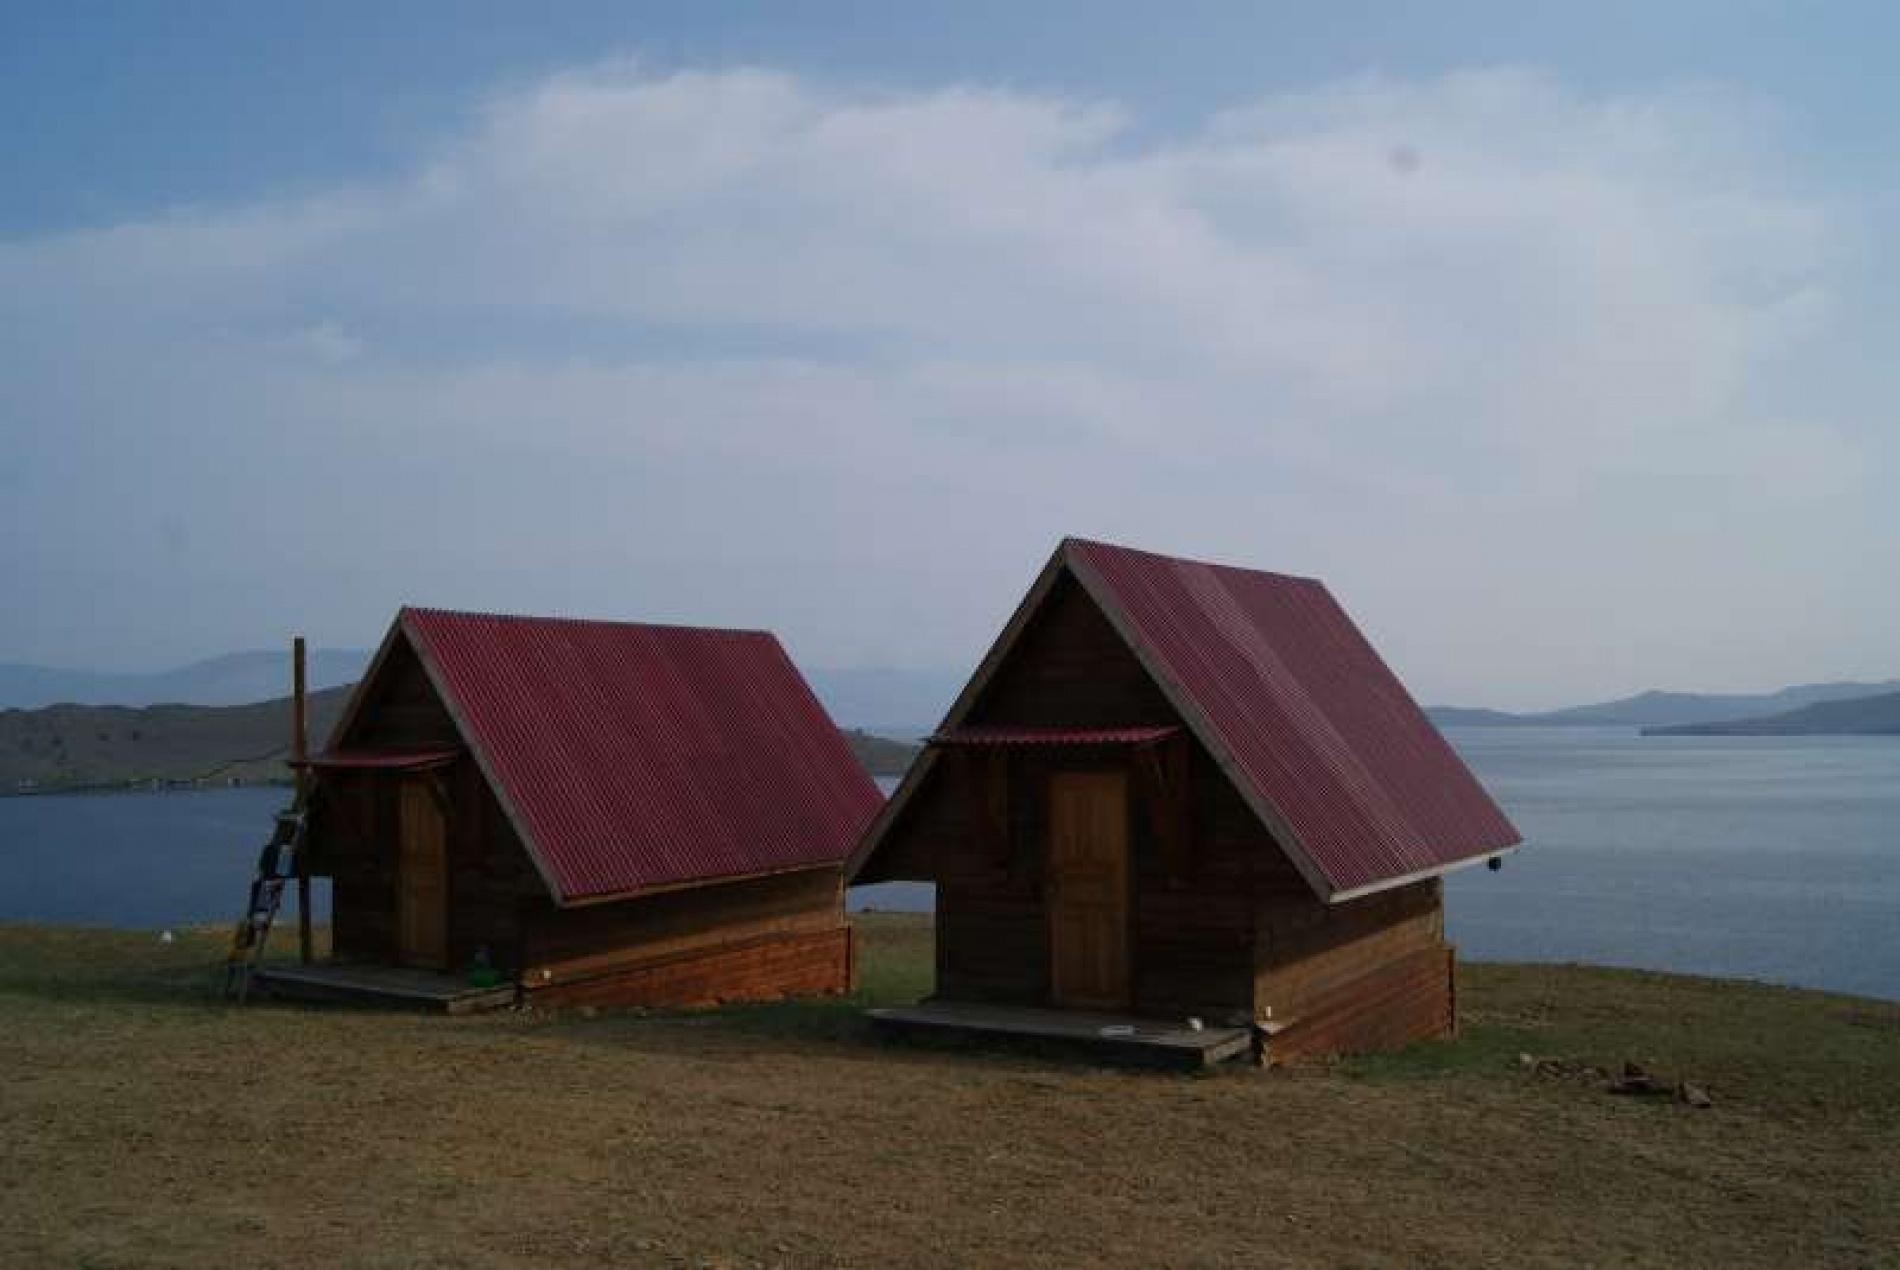 База отдыха «Ветер Странствий» Иркутская область 4-местный летний домик, фото 1